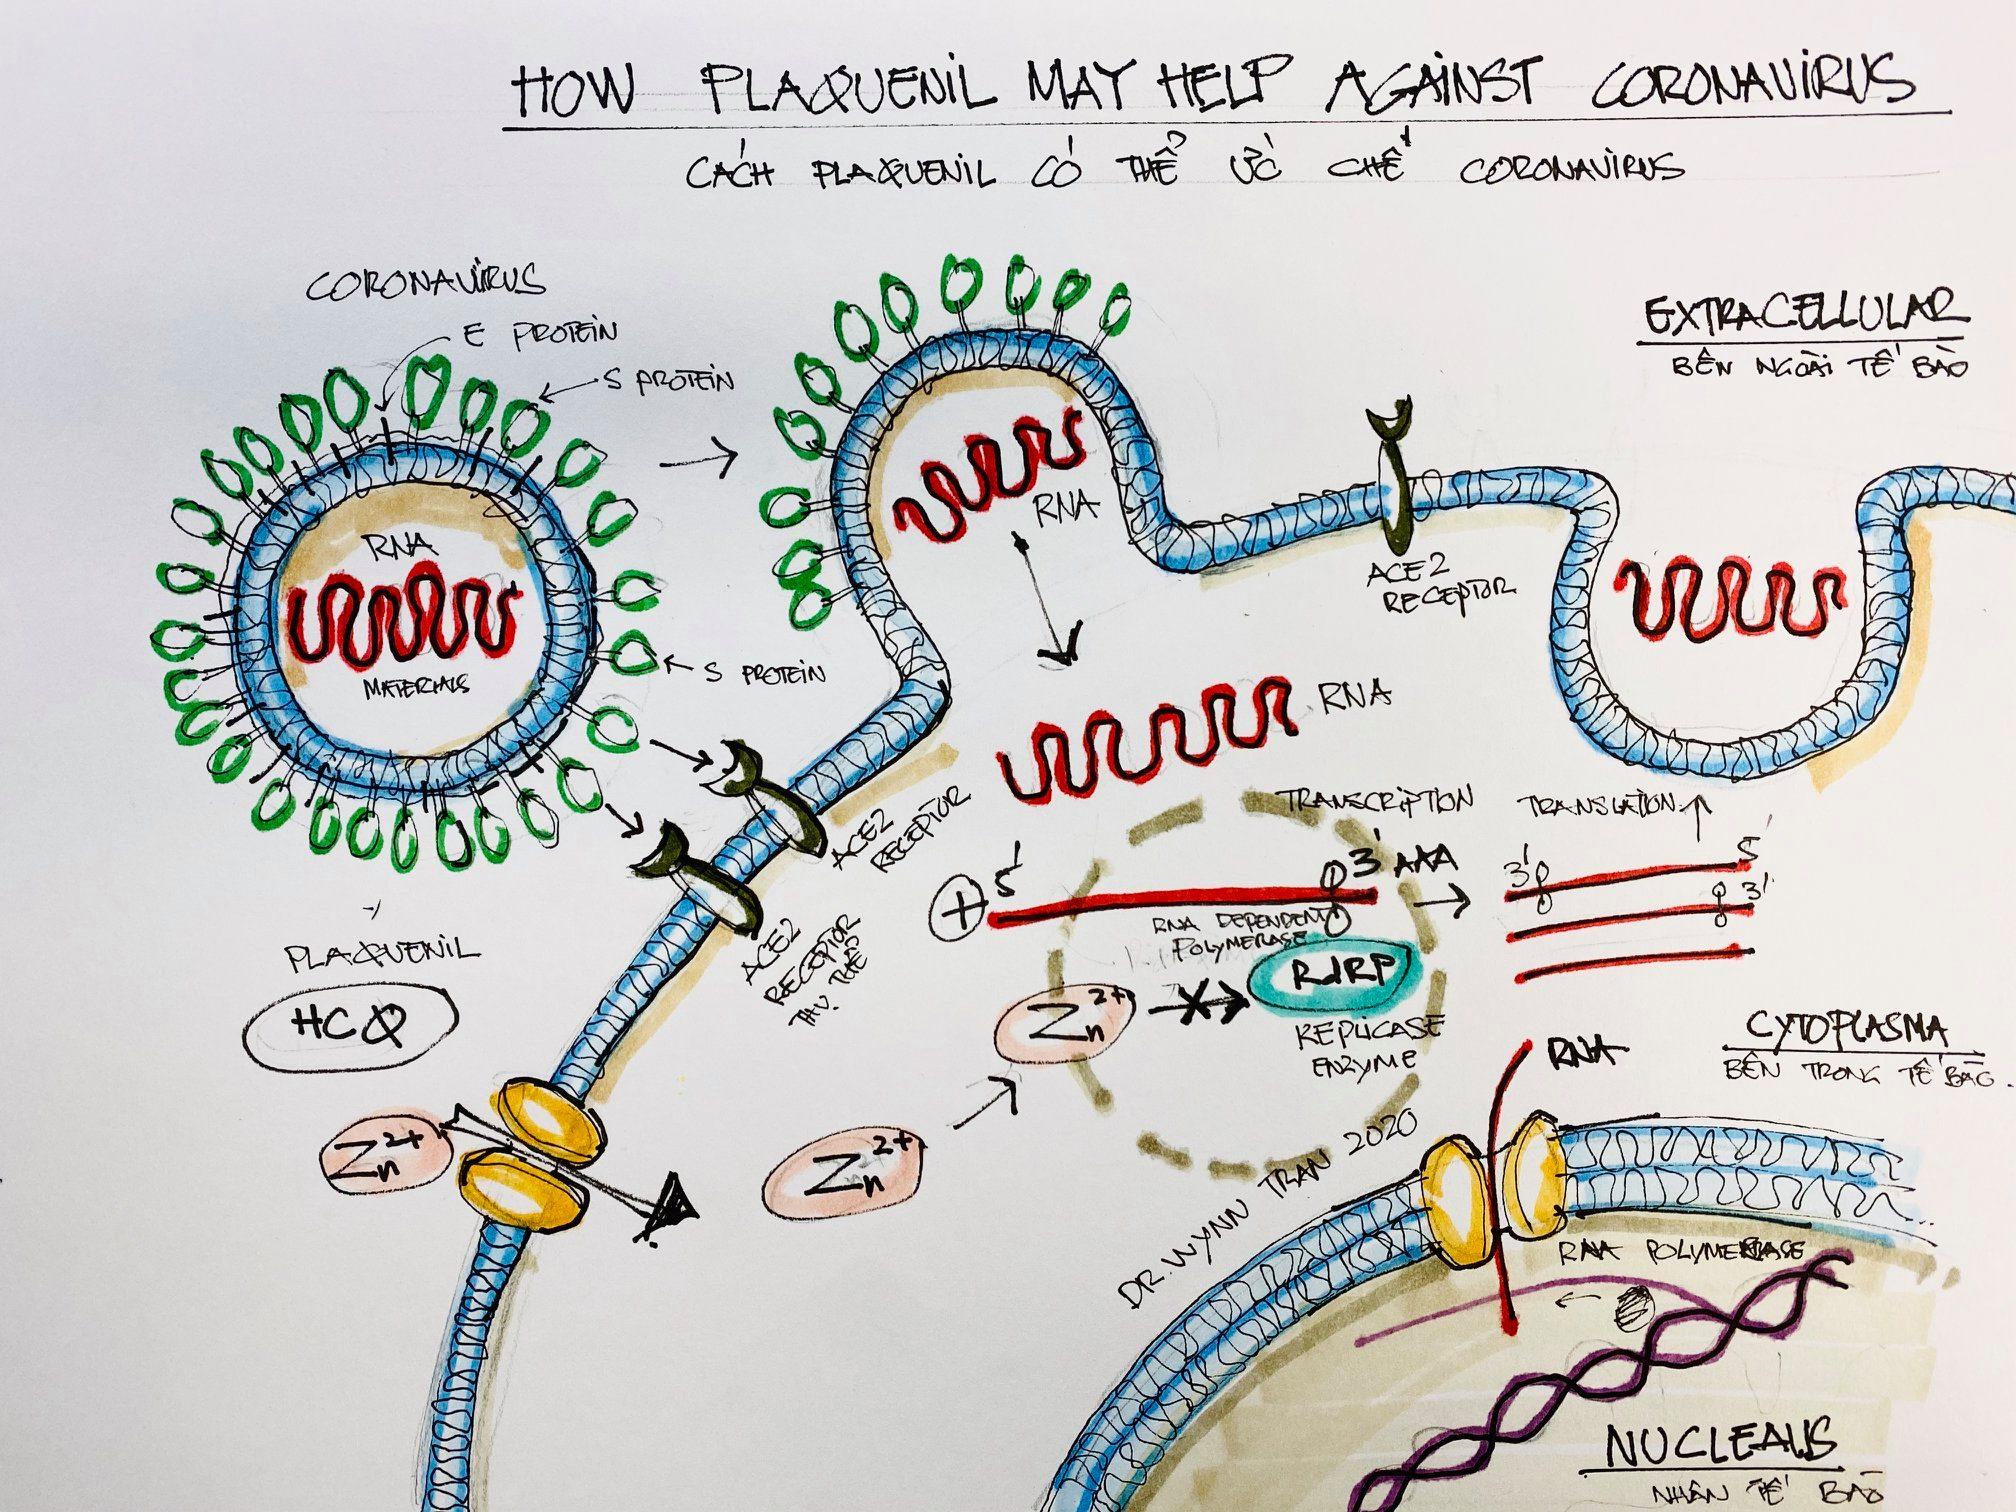 Cơ chế lây nhiễm của COVID-19